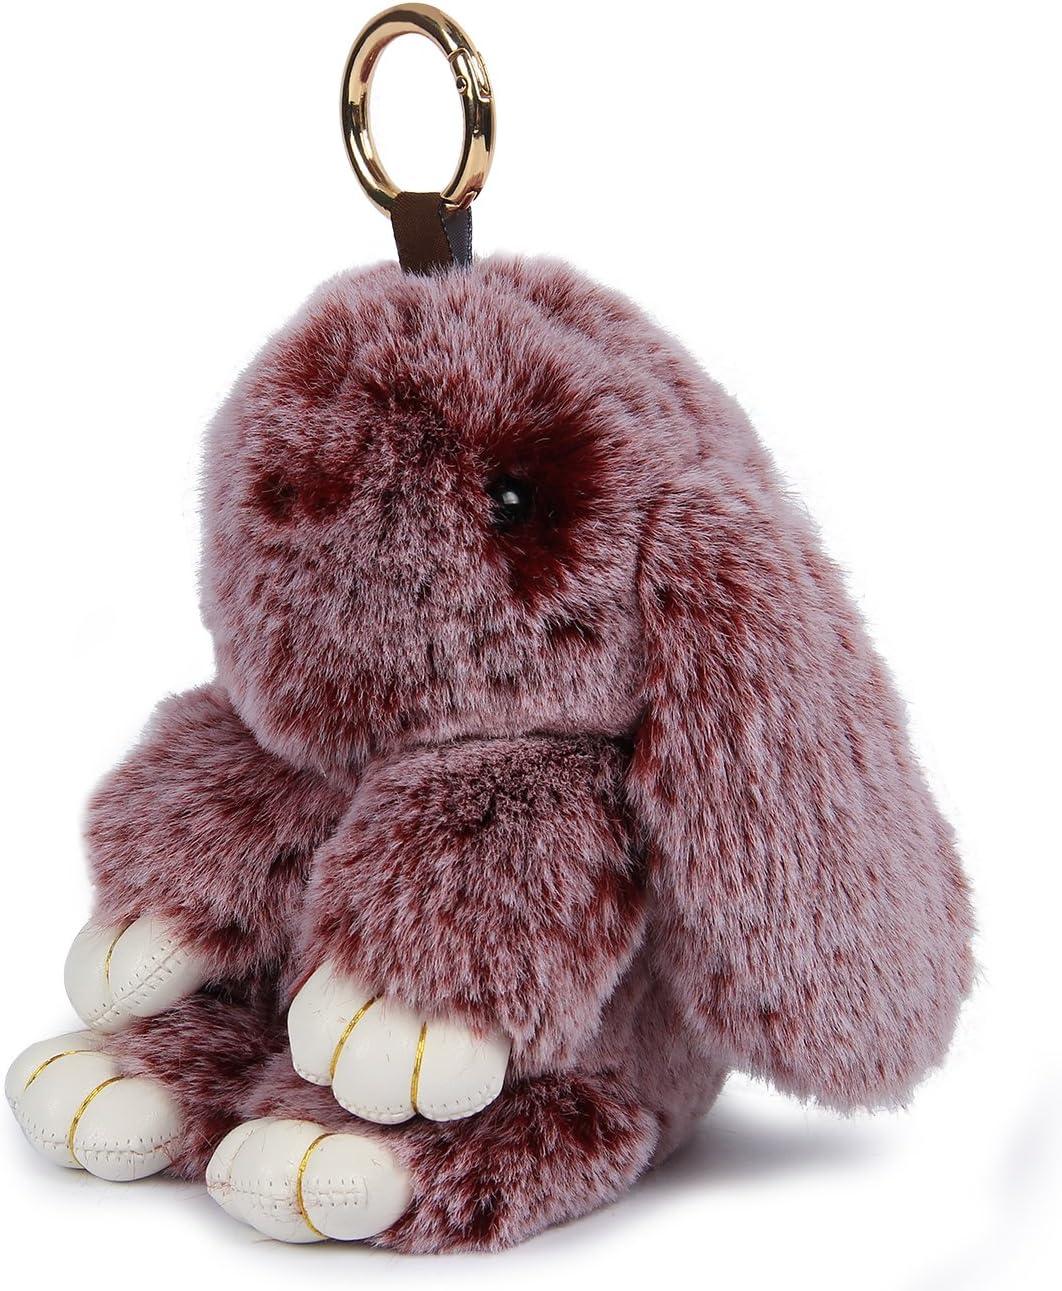 Yodensity Llavero de peluche de conejo llavero de coche anillo dominante del coche monederos bolsos accesorios